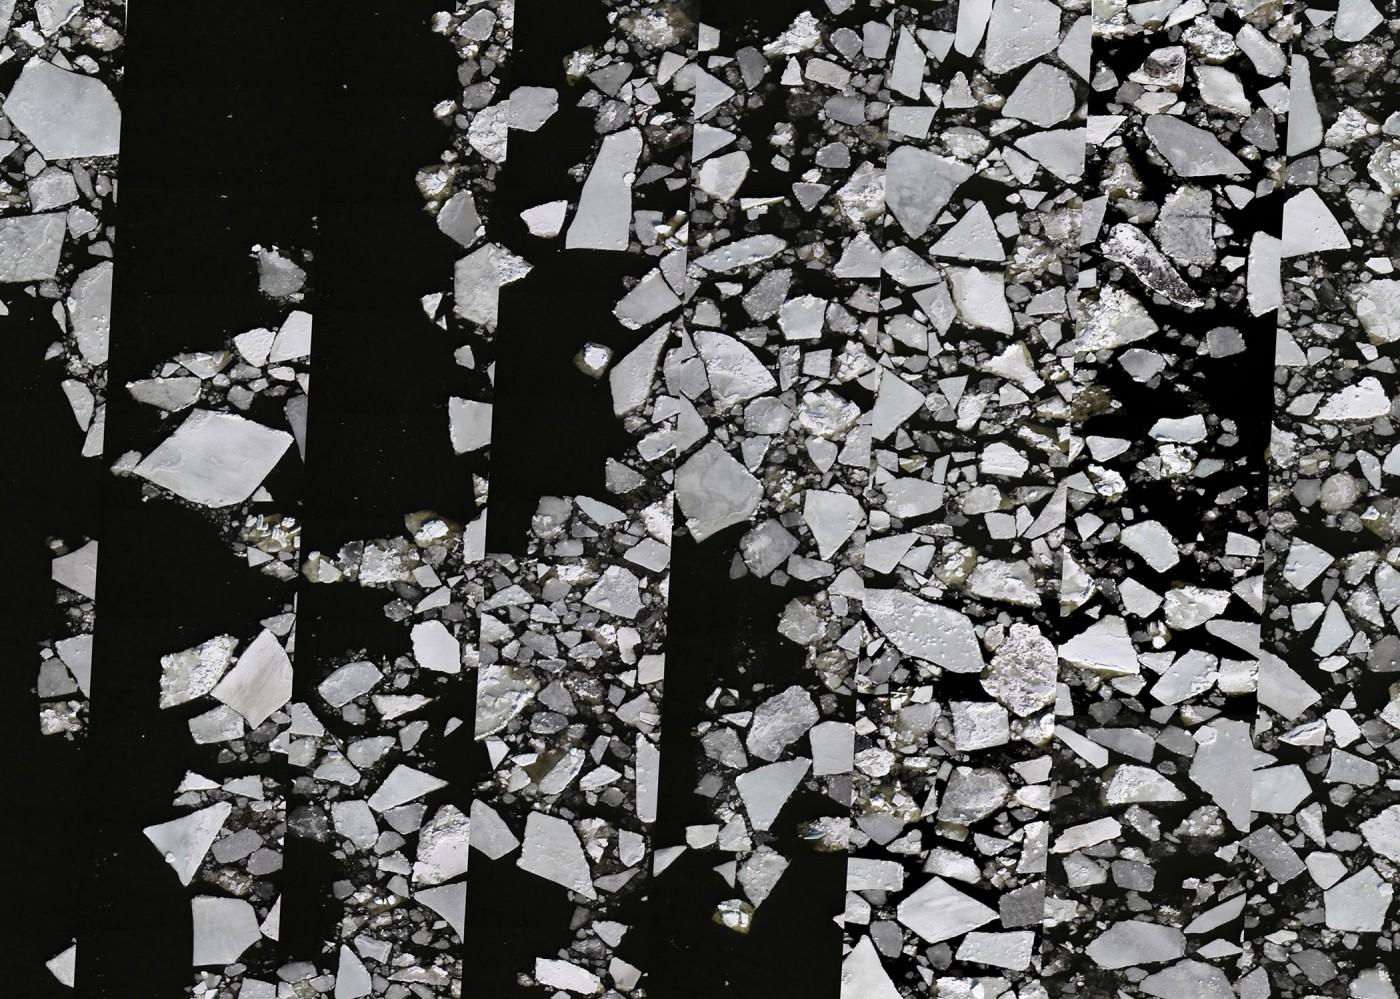 Alain Paiement, </span><span><em>Drifting Ice</em>, </span><span>2012